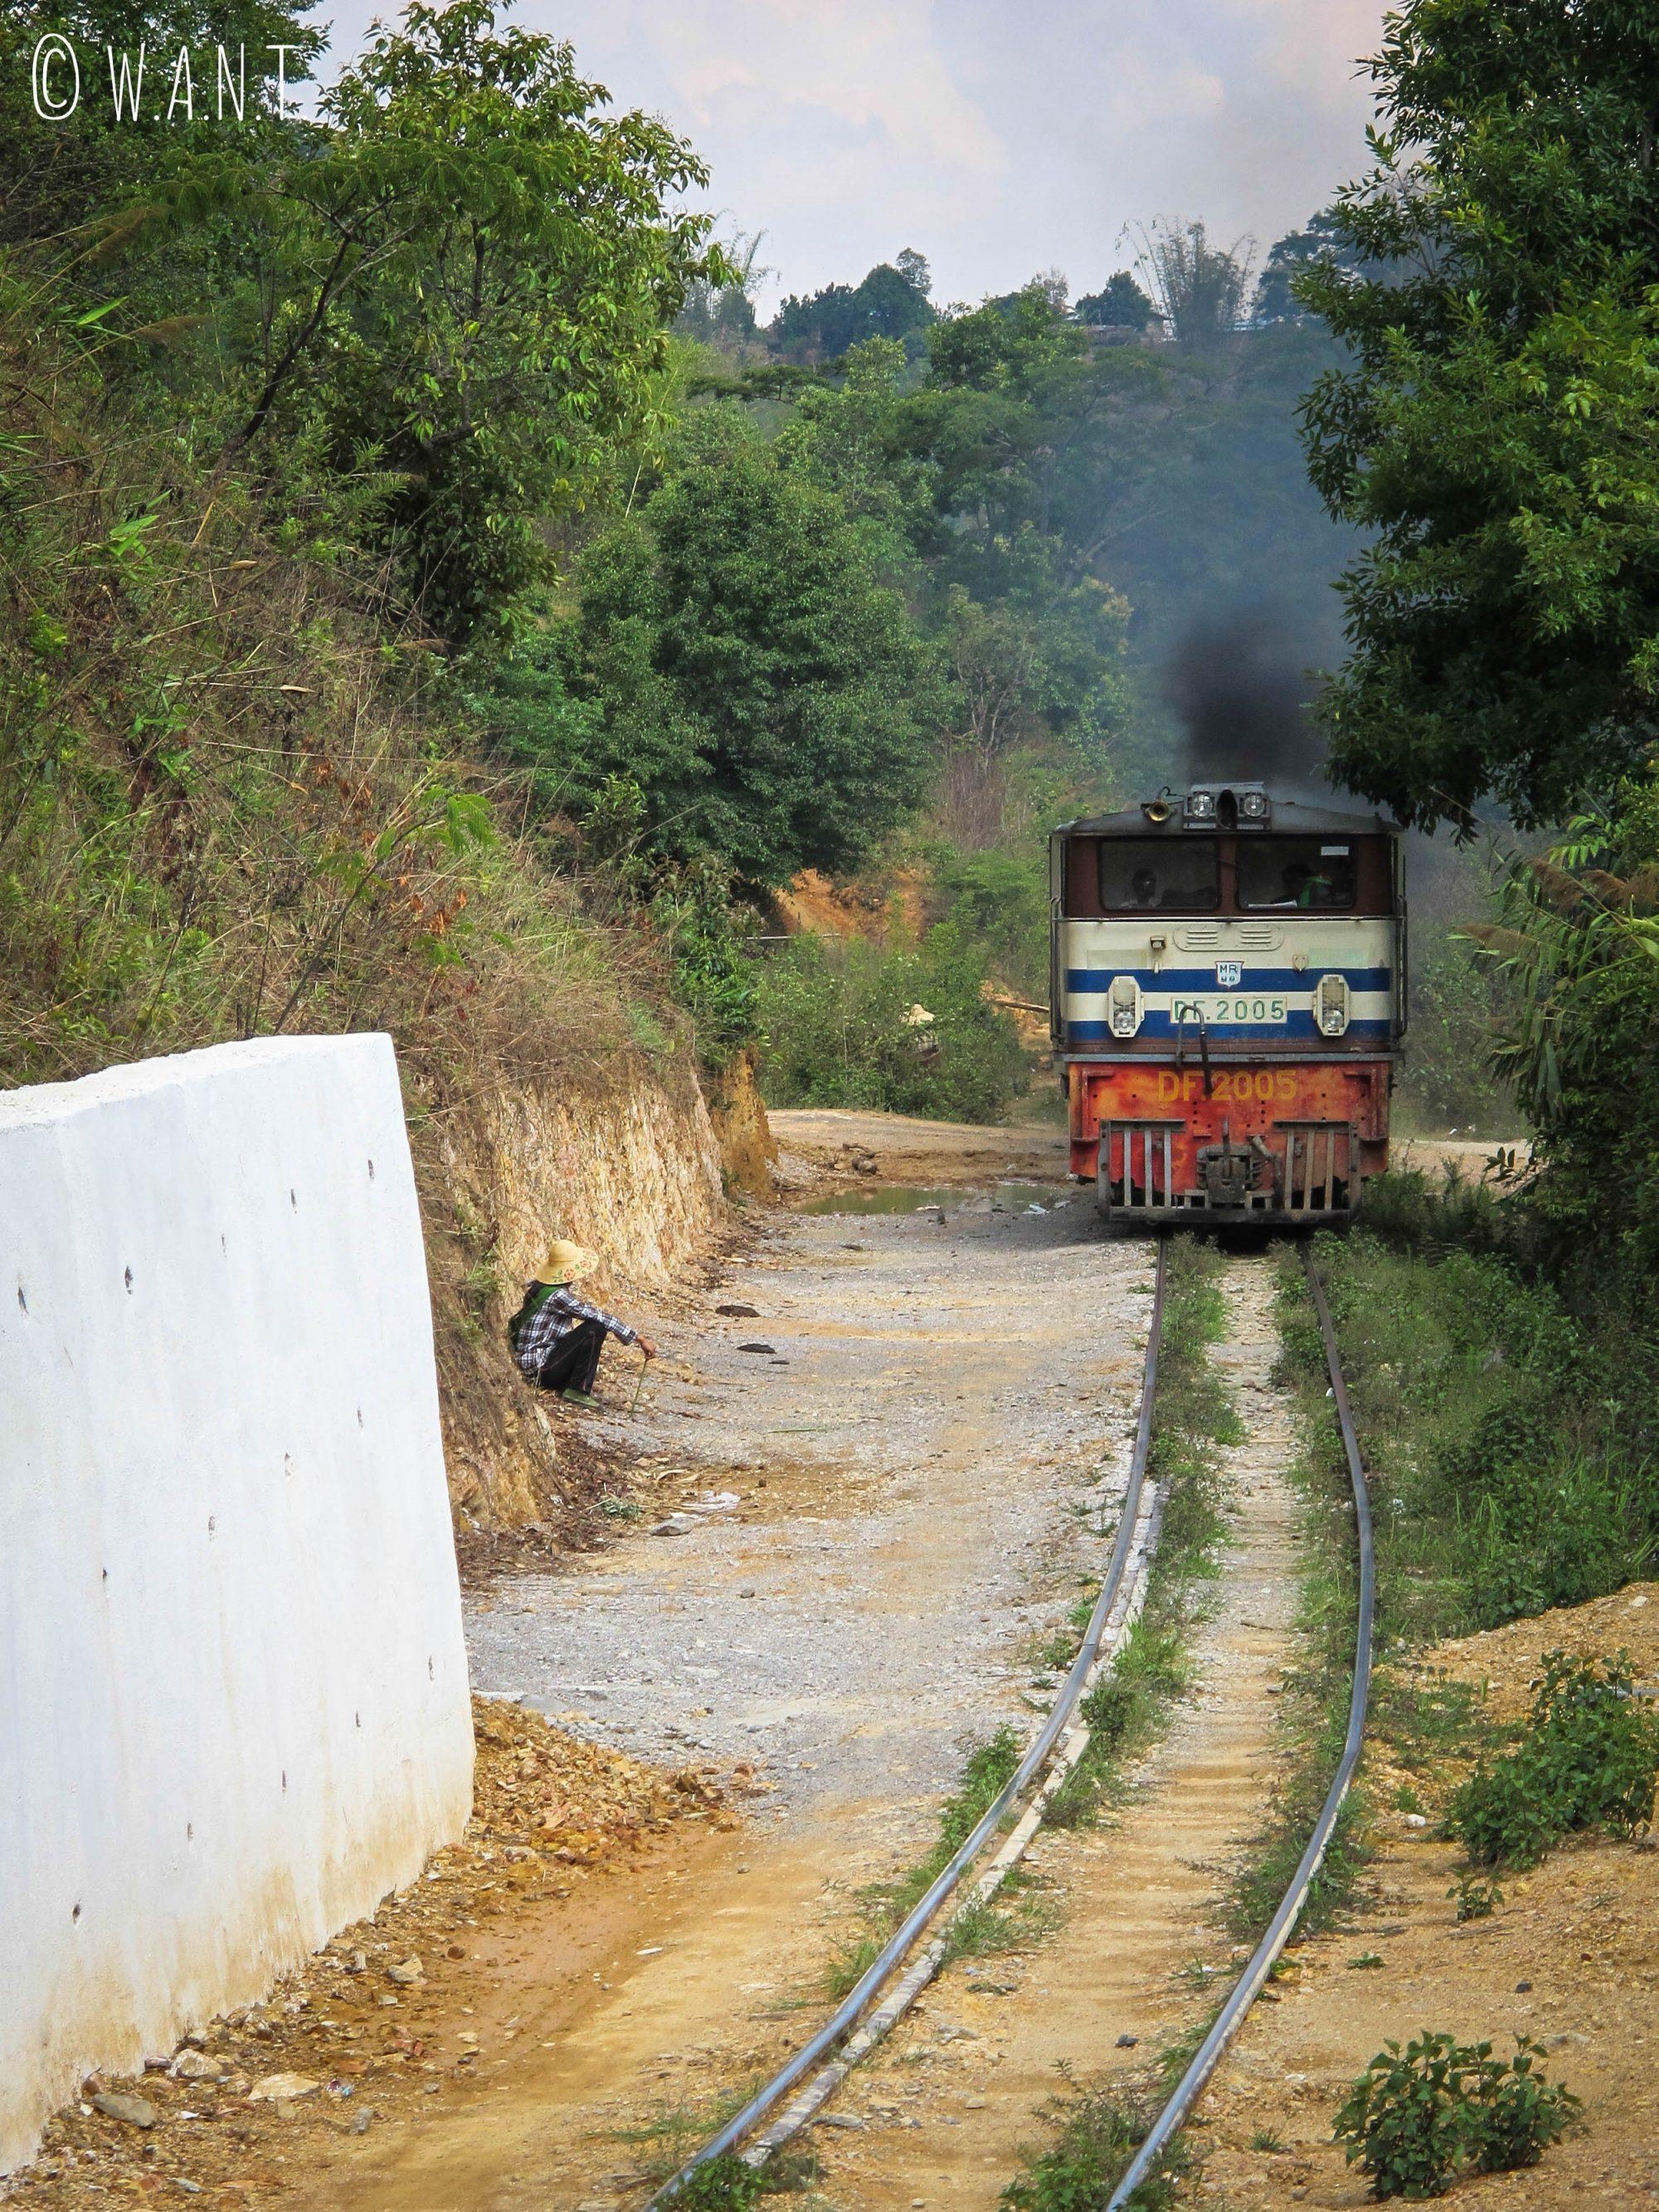 Passage du train sur la voie ferrée